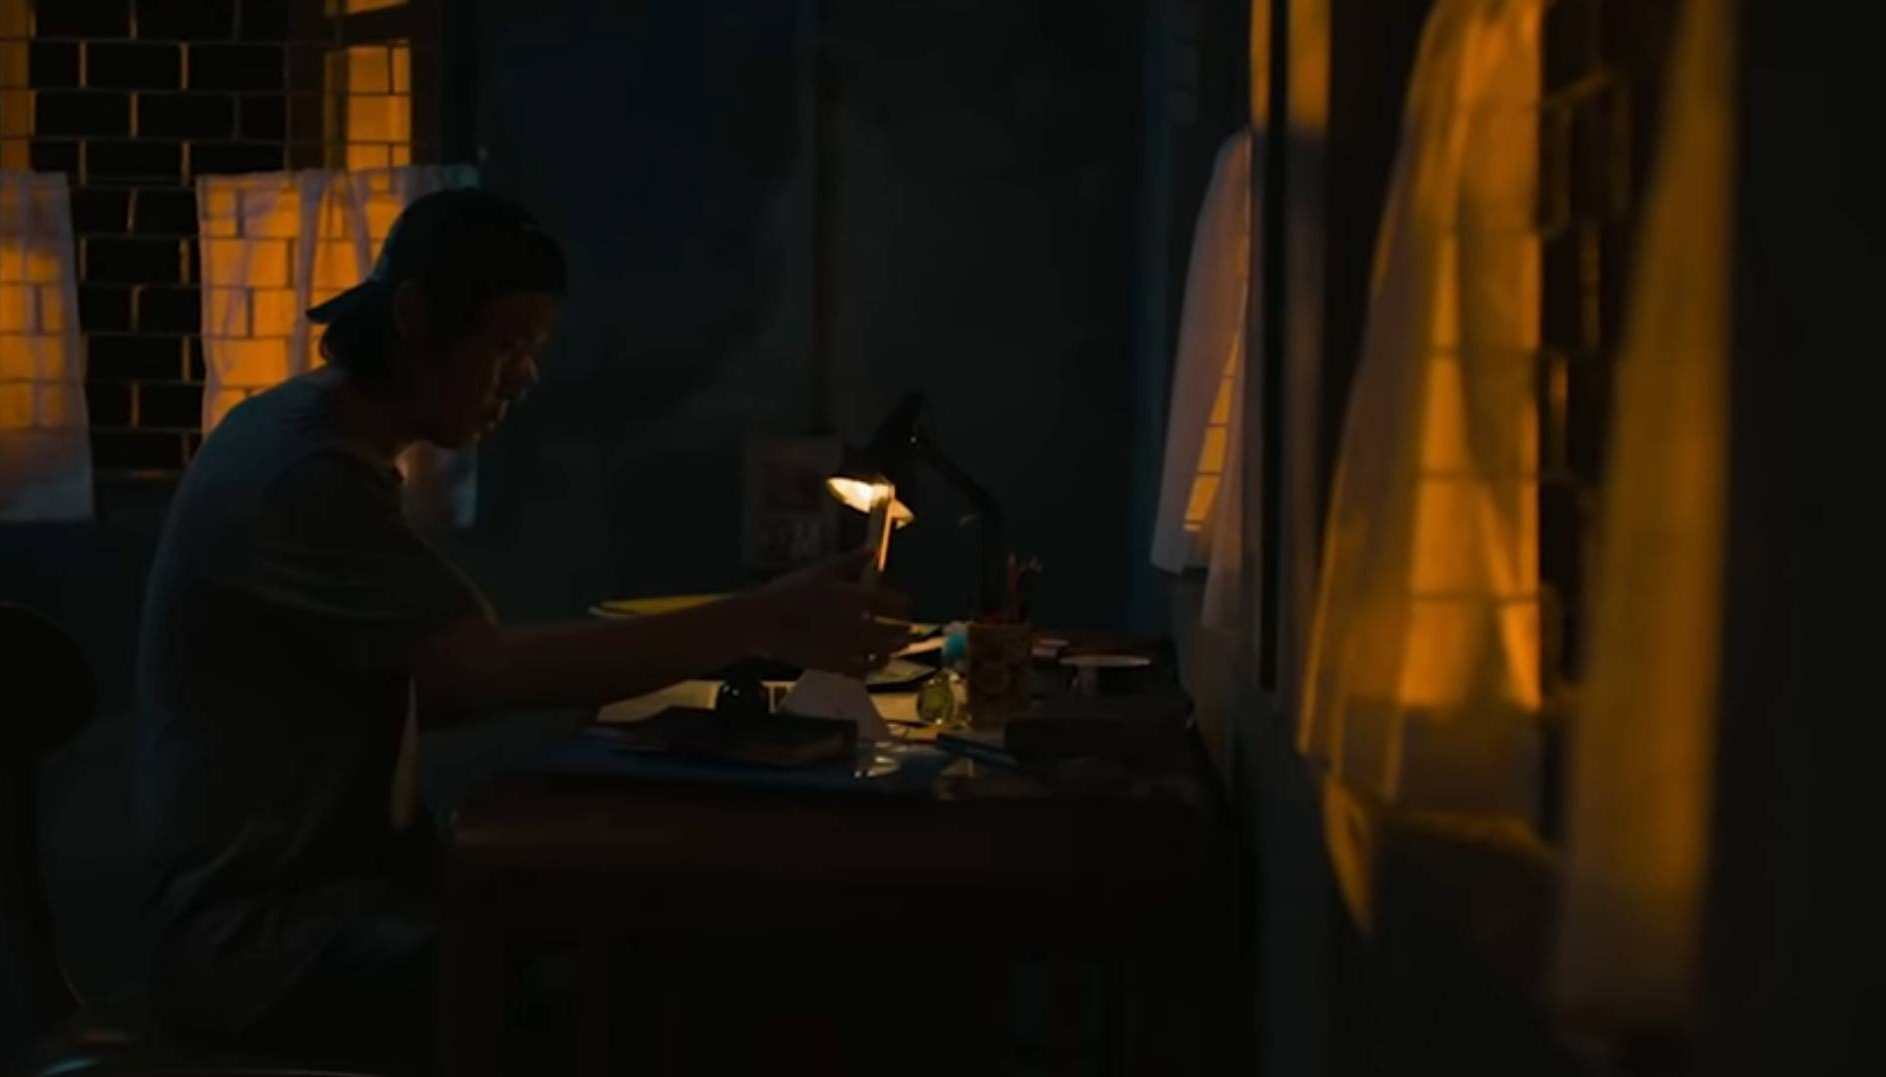 Family Man Season 2 Ending Explained - Finale Moments